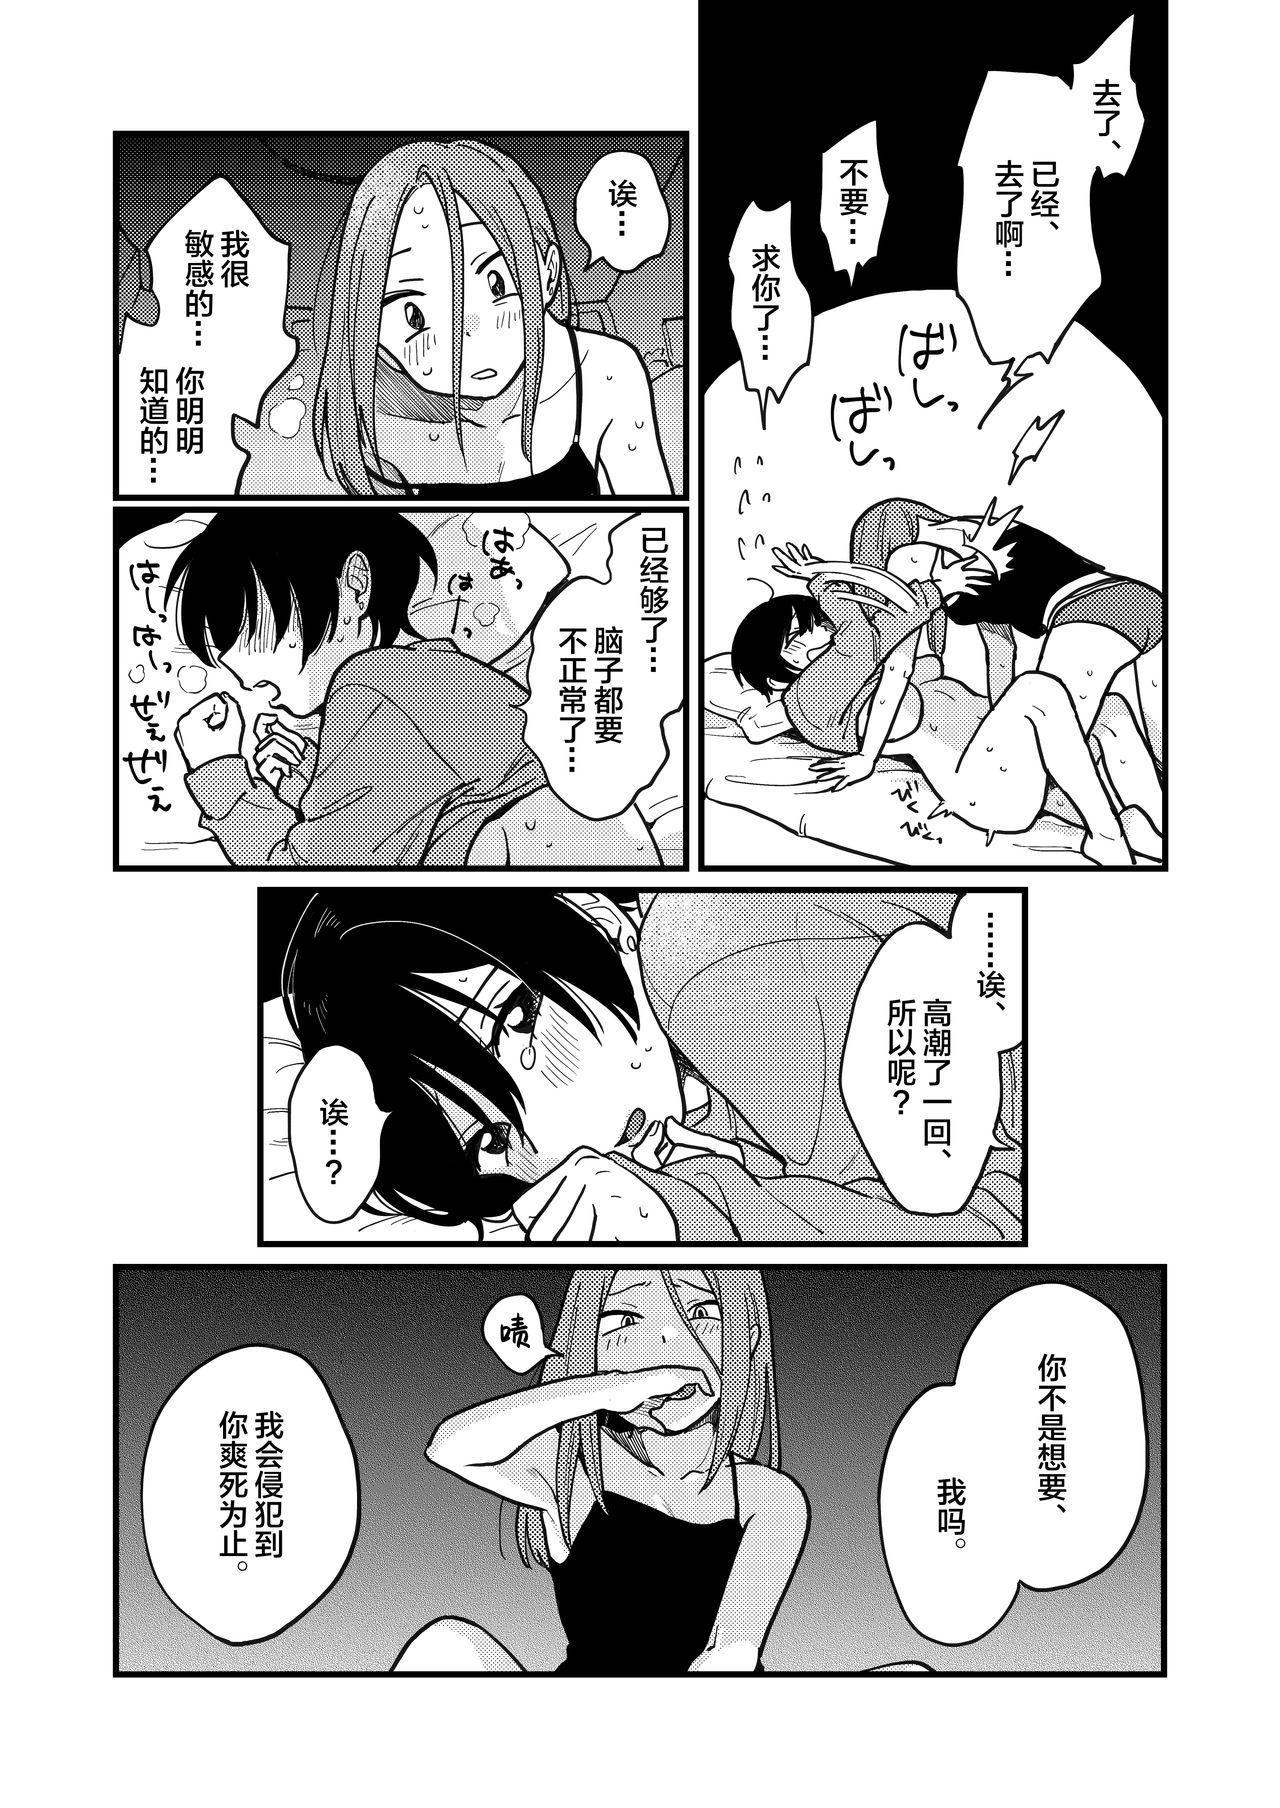 Tsukiatte Nai Kedo Yarimashita | 明明没有在交往,却还是做了 20